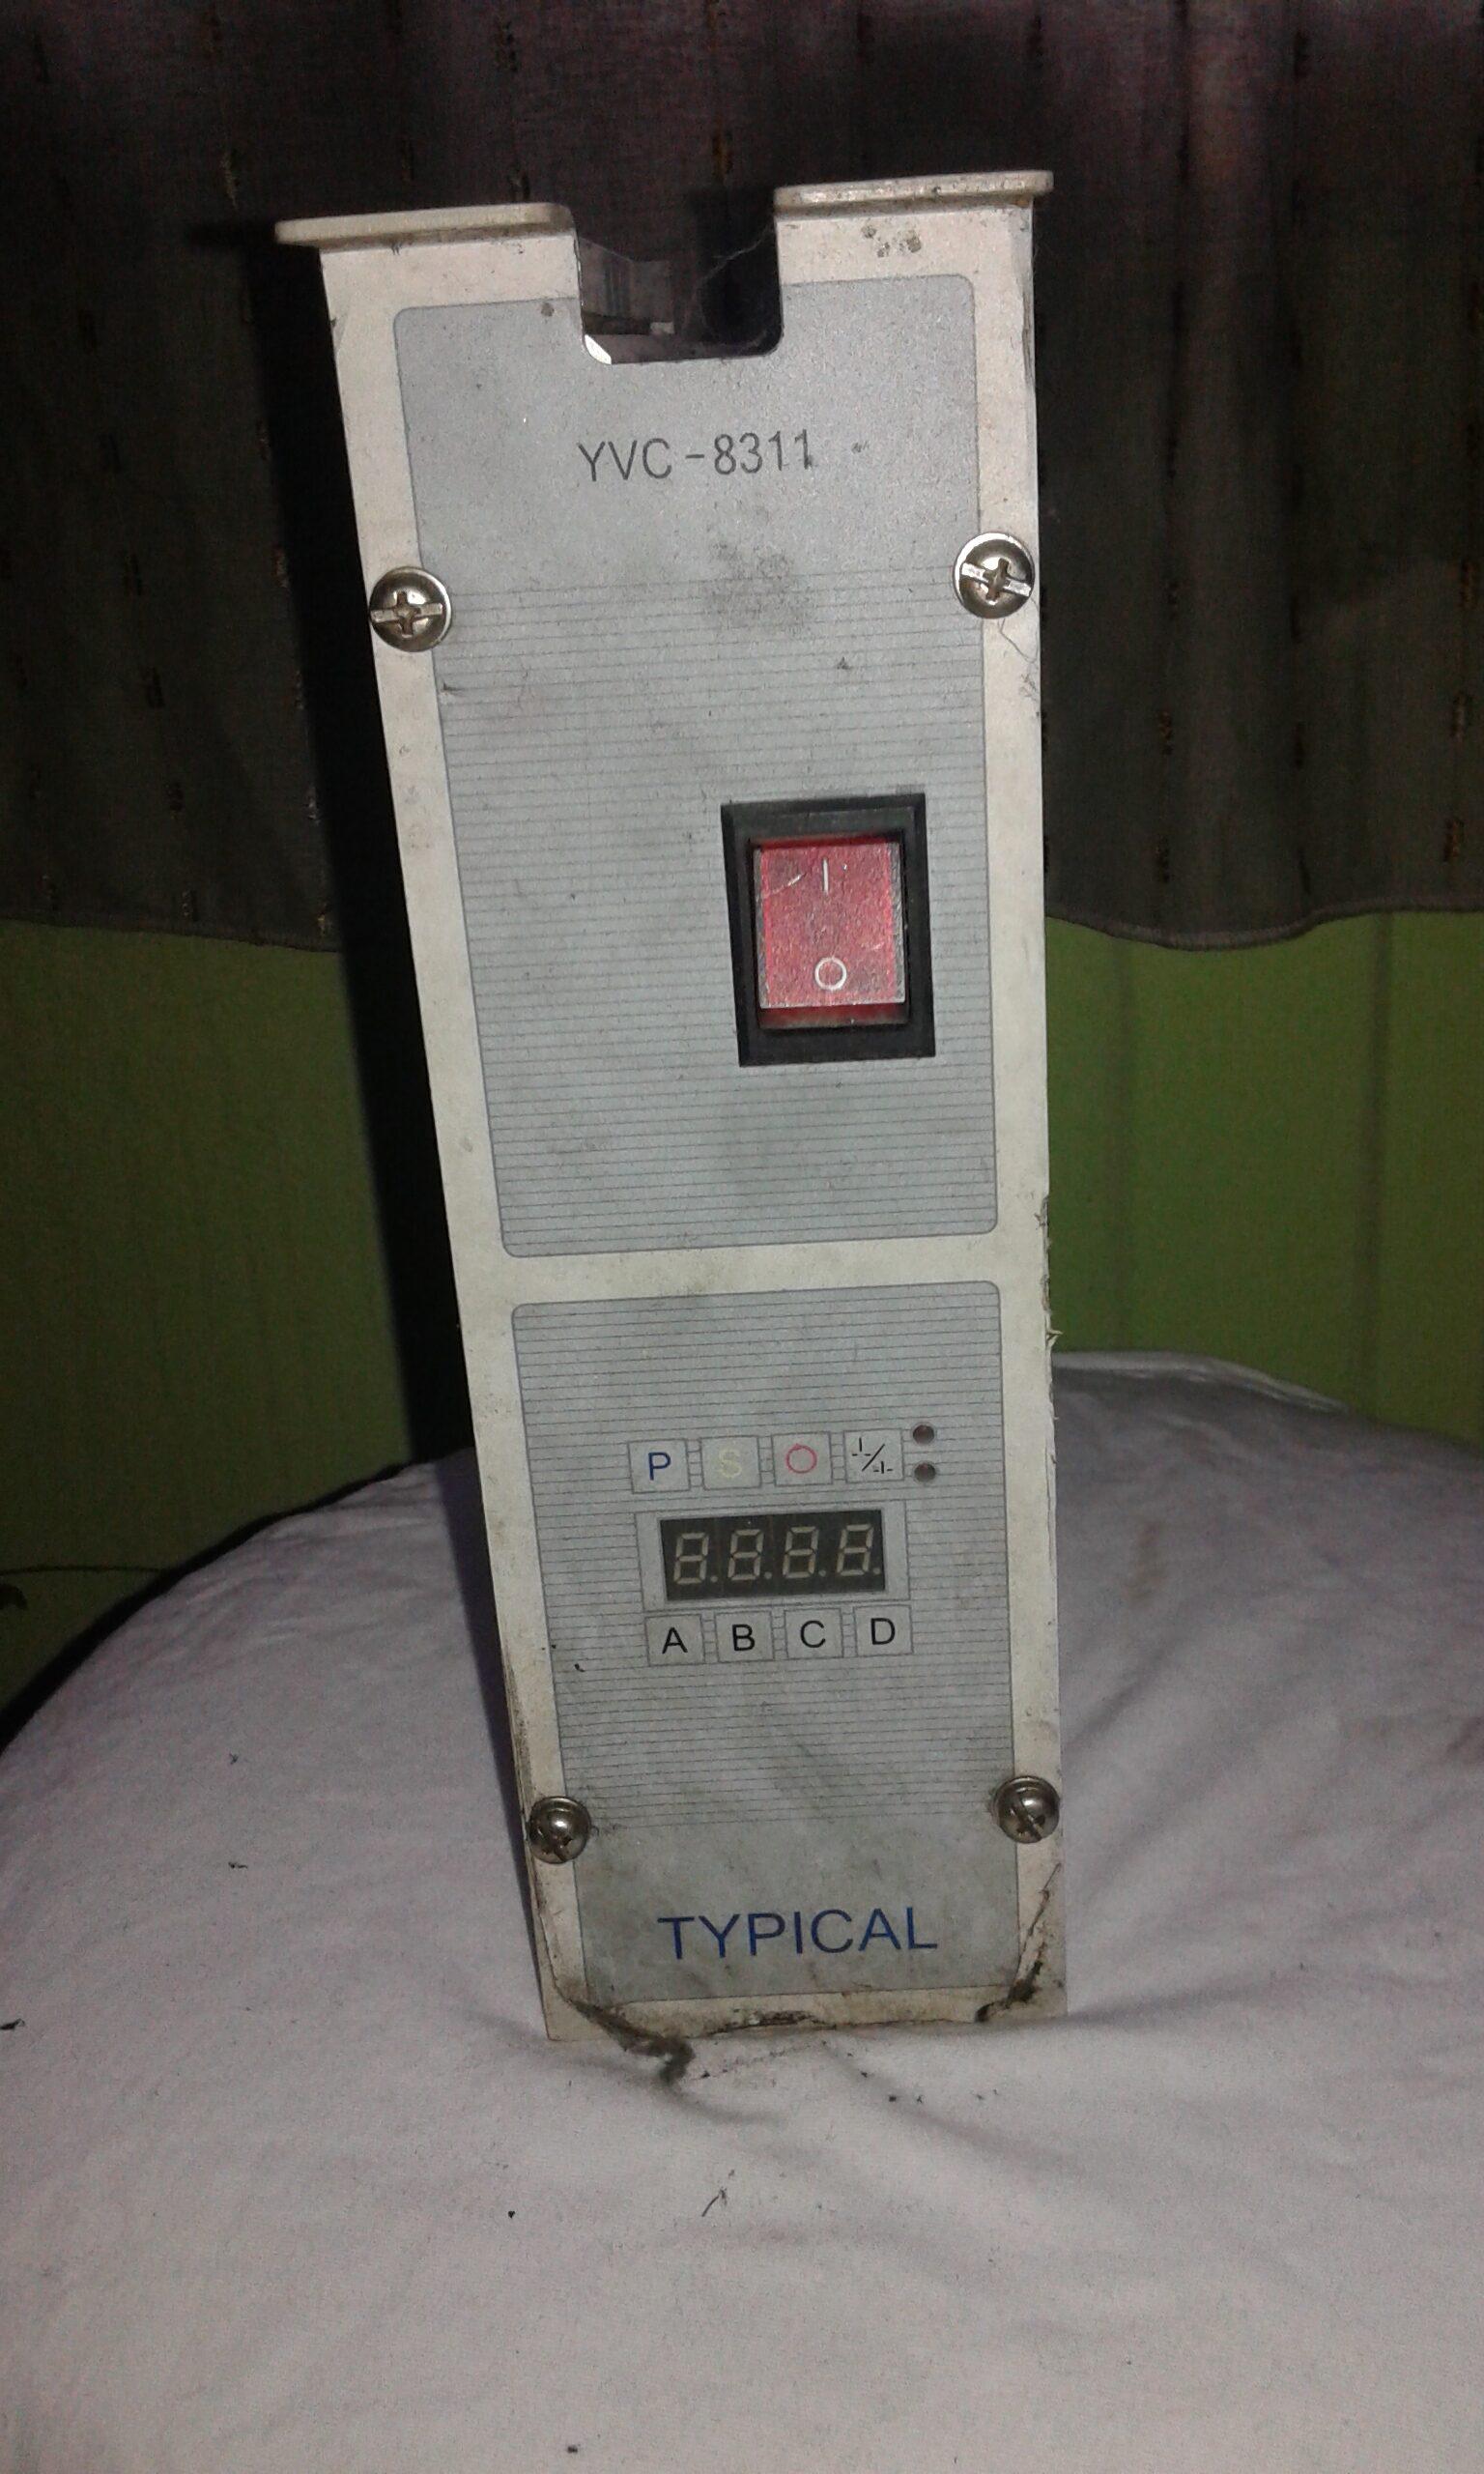 Typıcal Elektronik Kontrol Paneli,Pastalbaşı Kumaş Kesim Motoru Bıçak Muhafazası, Promethe Elektronik, Kumaş Kesim Motoru Bakım-Onarım Ve Tamir Servisi, İletişim: (+90) 0538 749 34 59